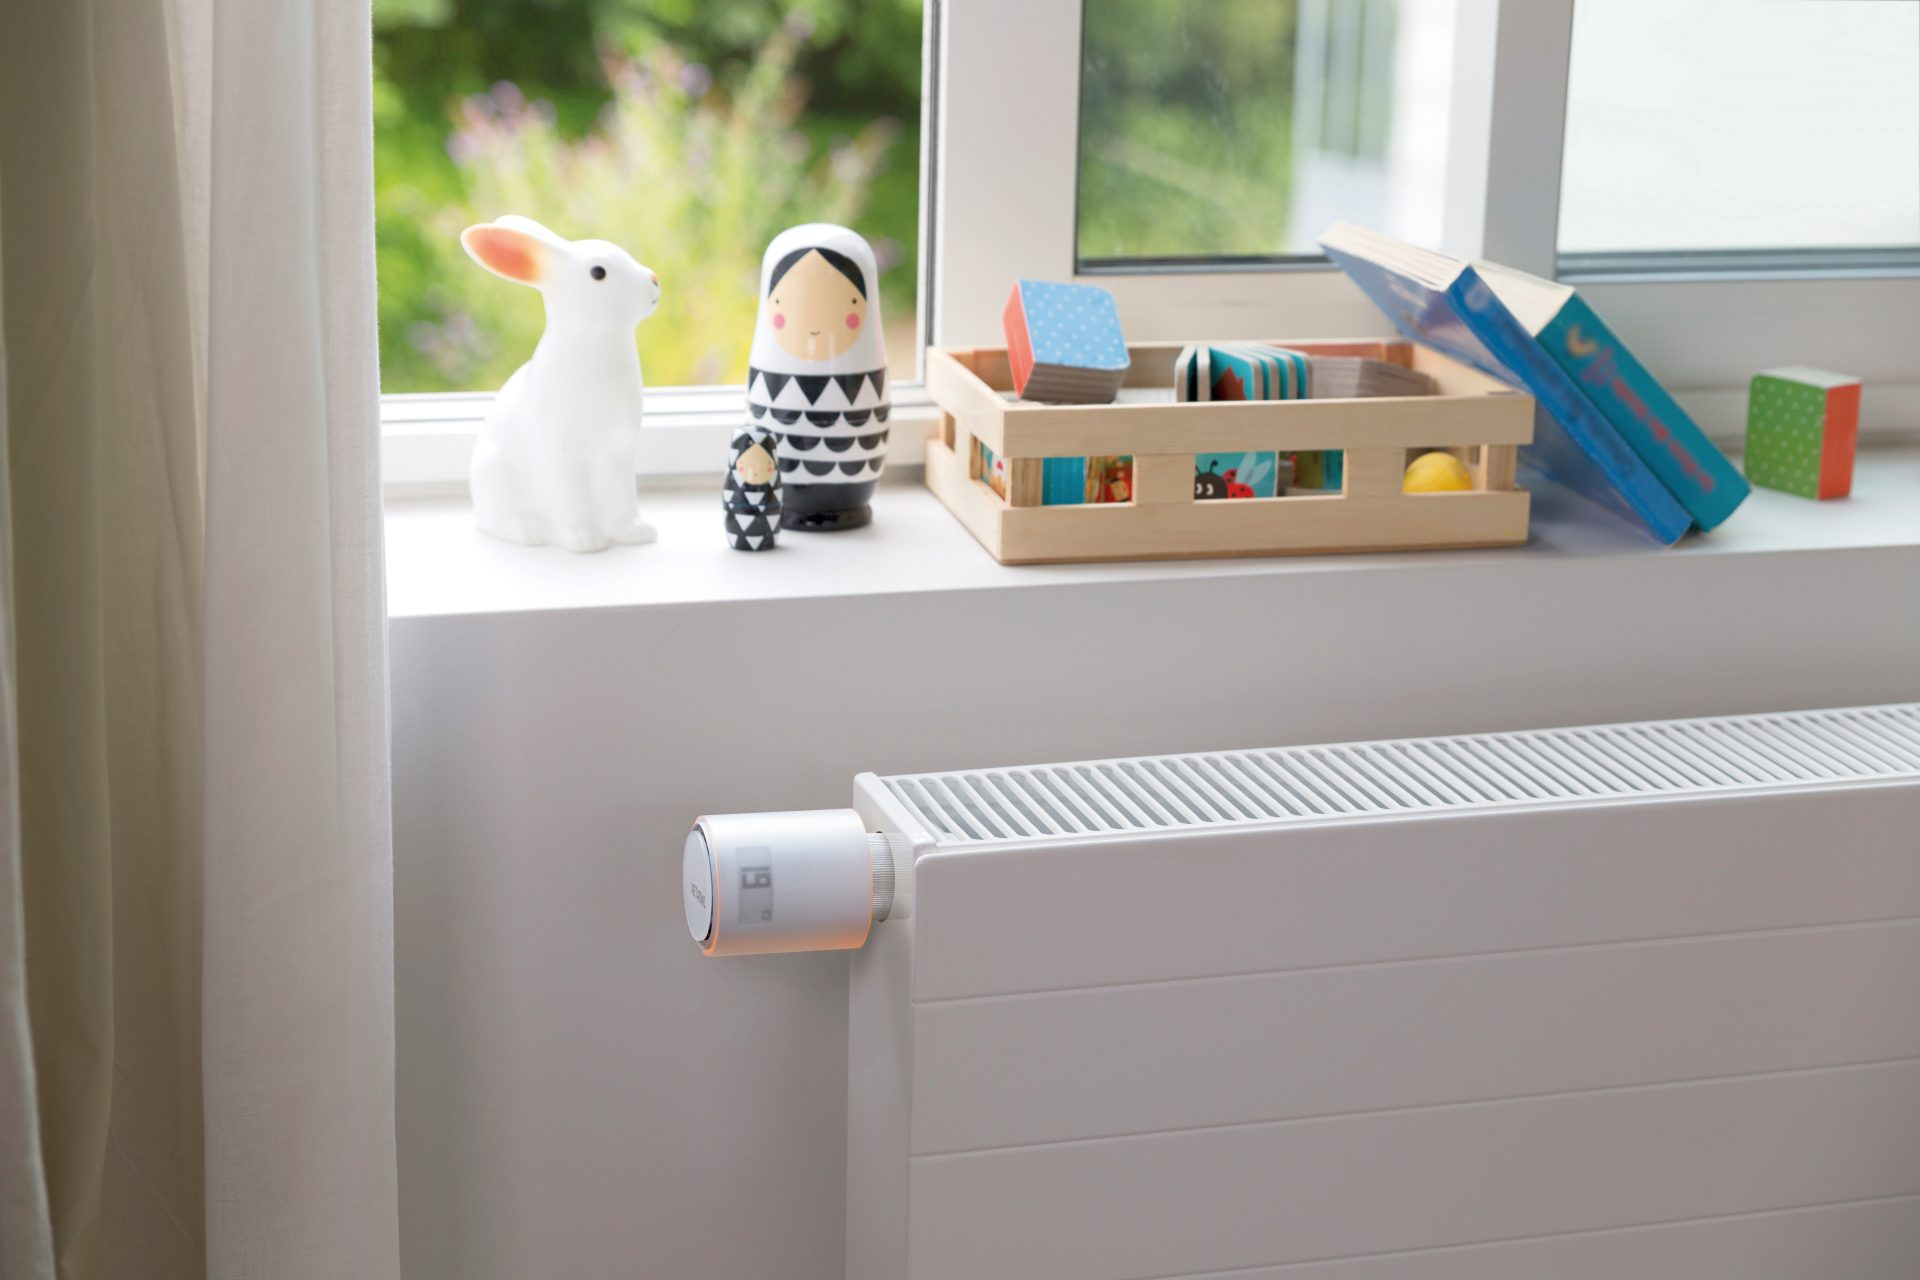 radiator-termostat-hracky-debmicka-okno-stena